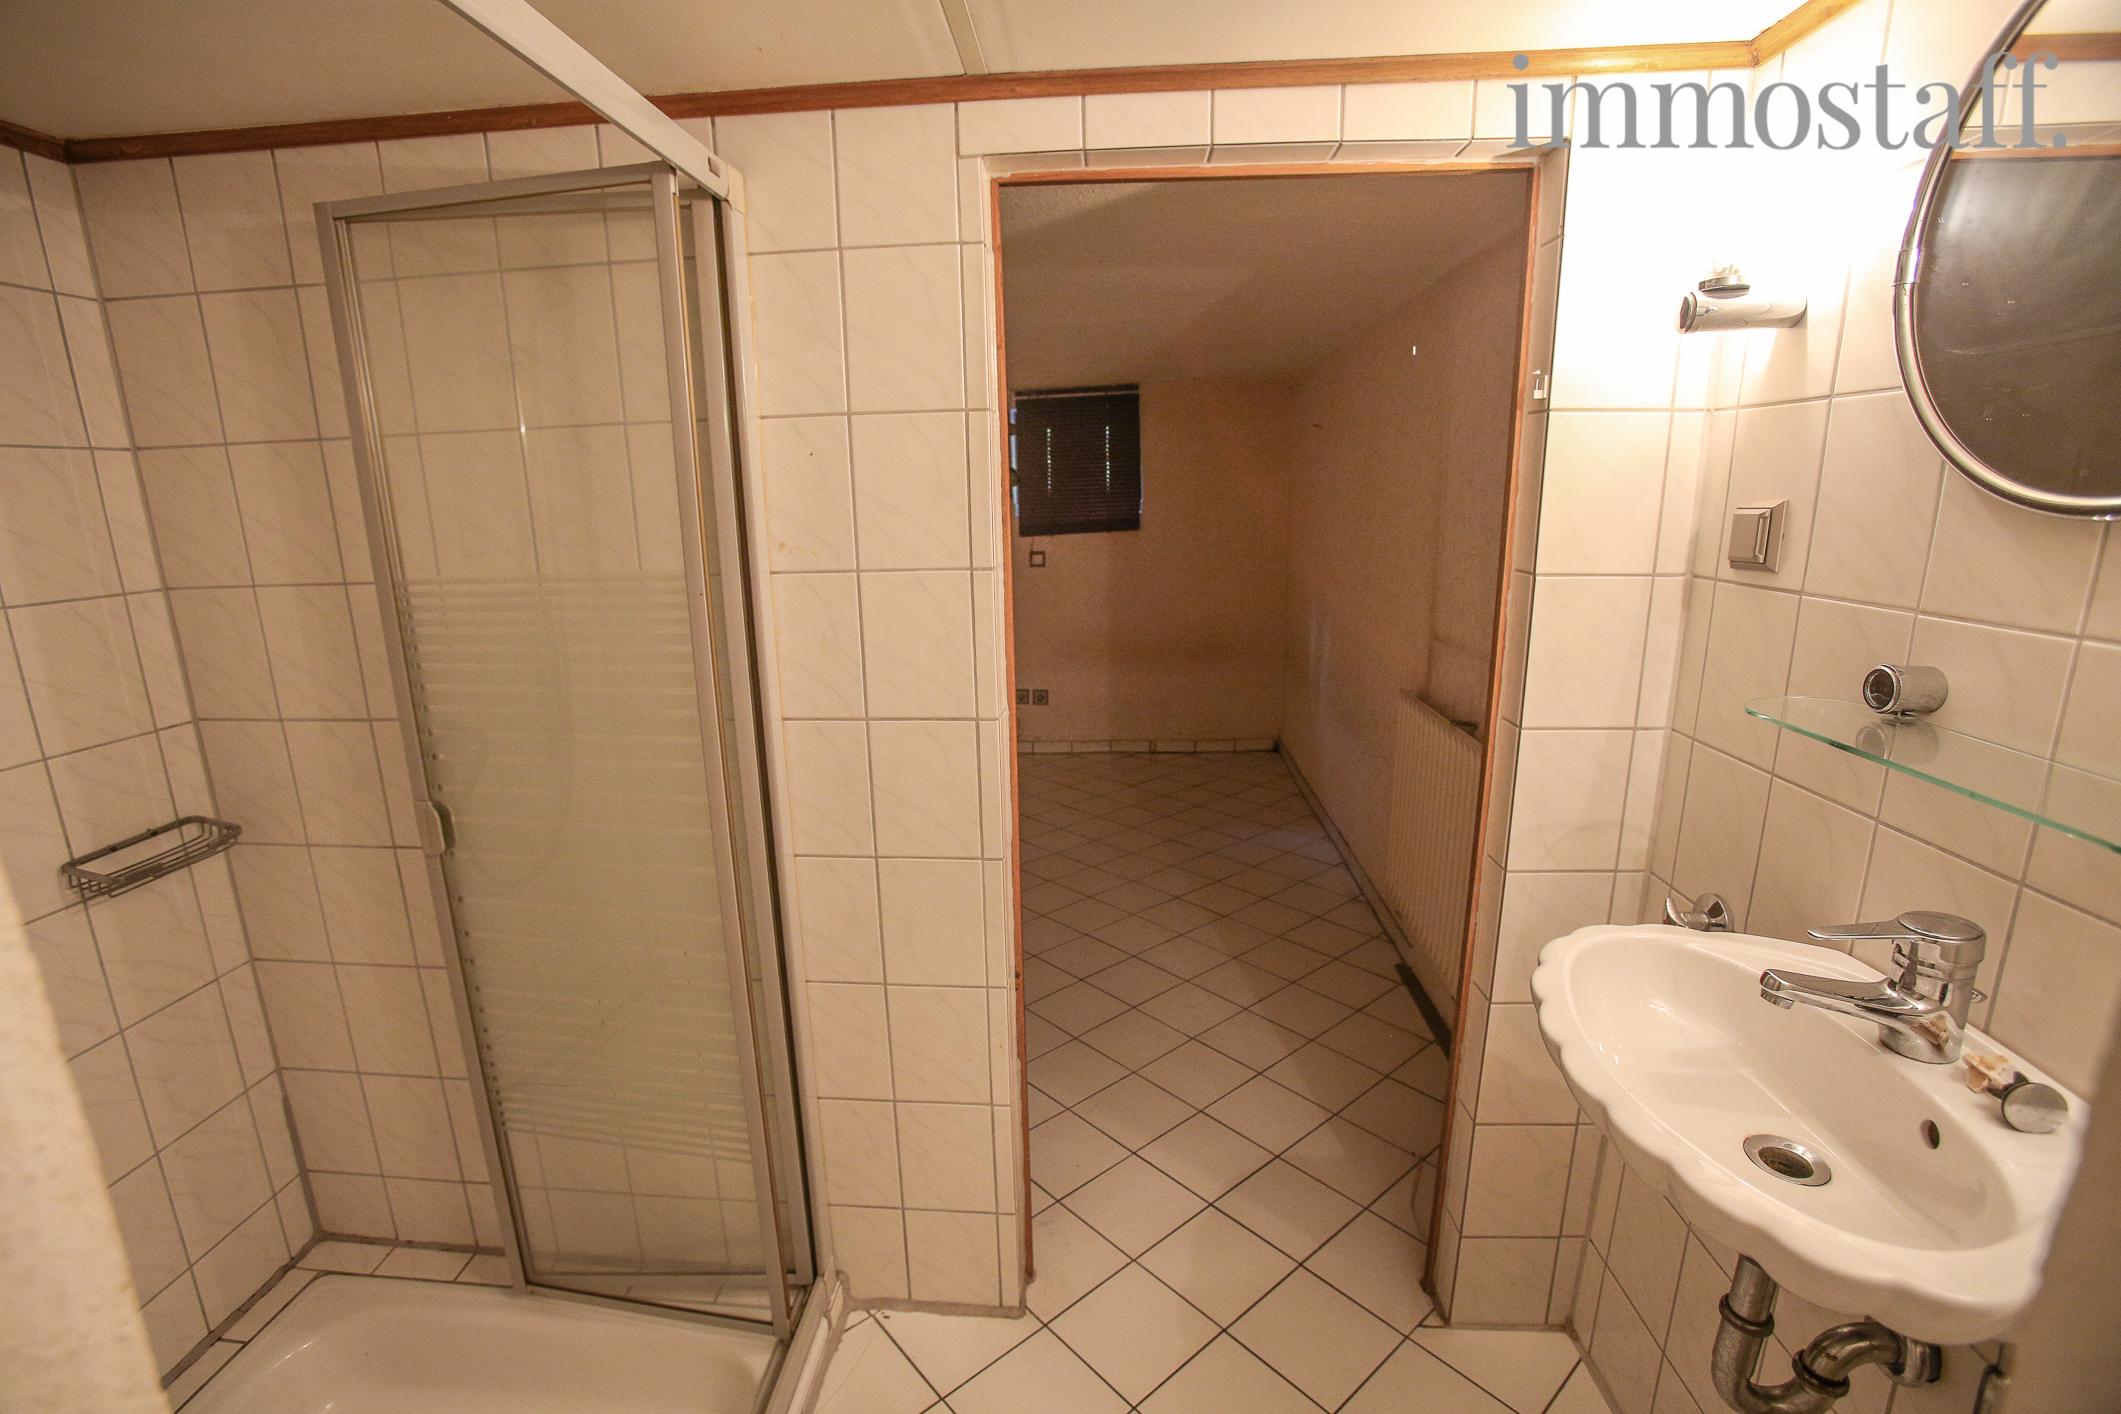 dusche im keller luften da die vorwand raumhoch ist haben - Dusche Im Keller Bauen